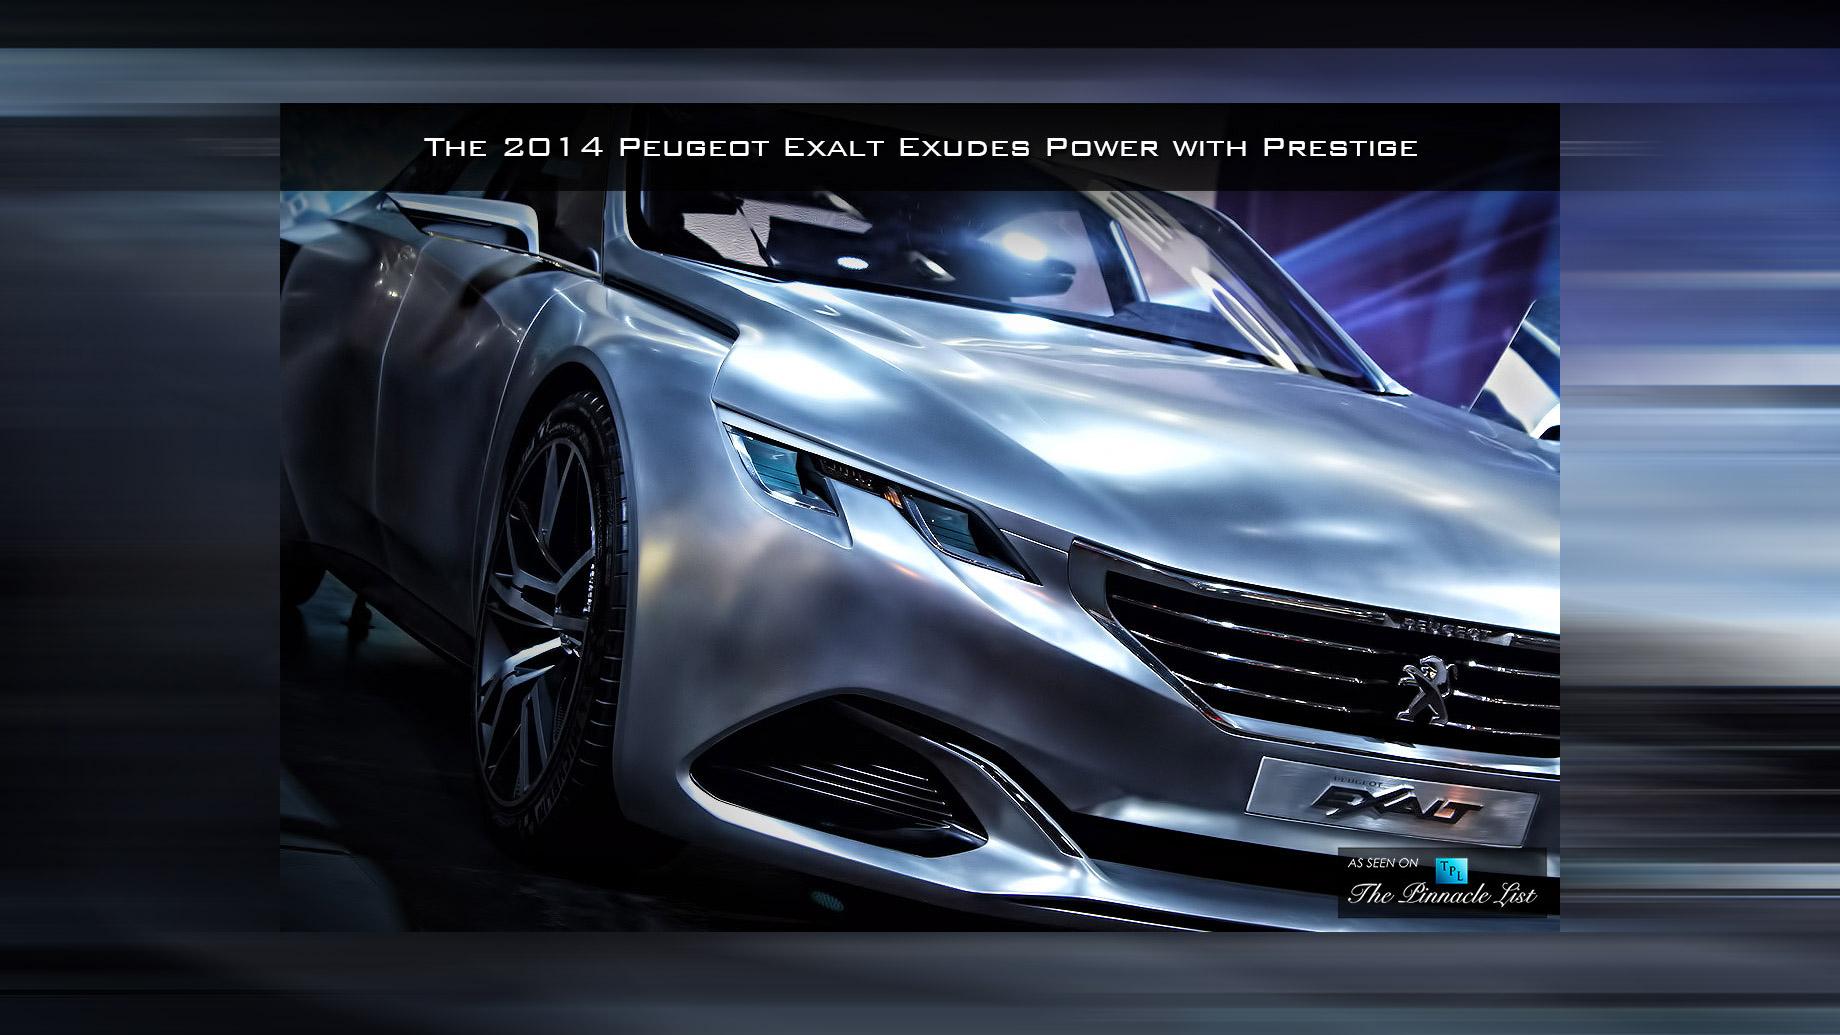 The 2014 Peugeot Exalt Exudes Power with Prestige